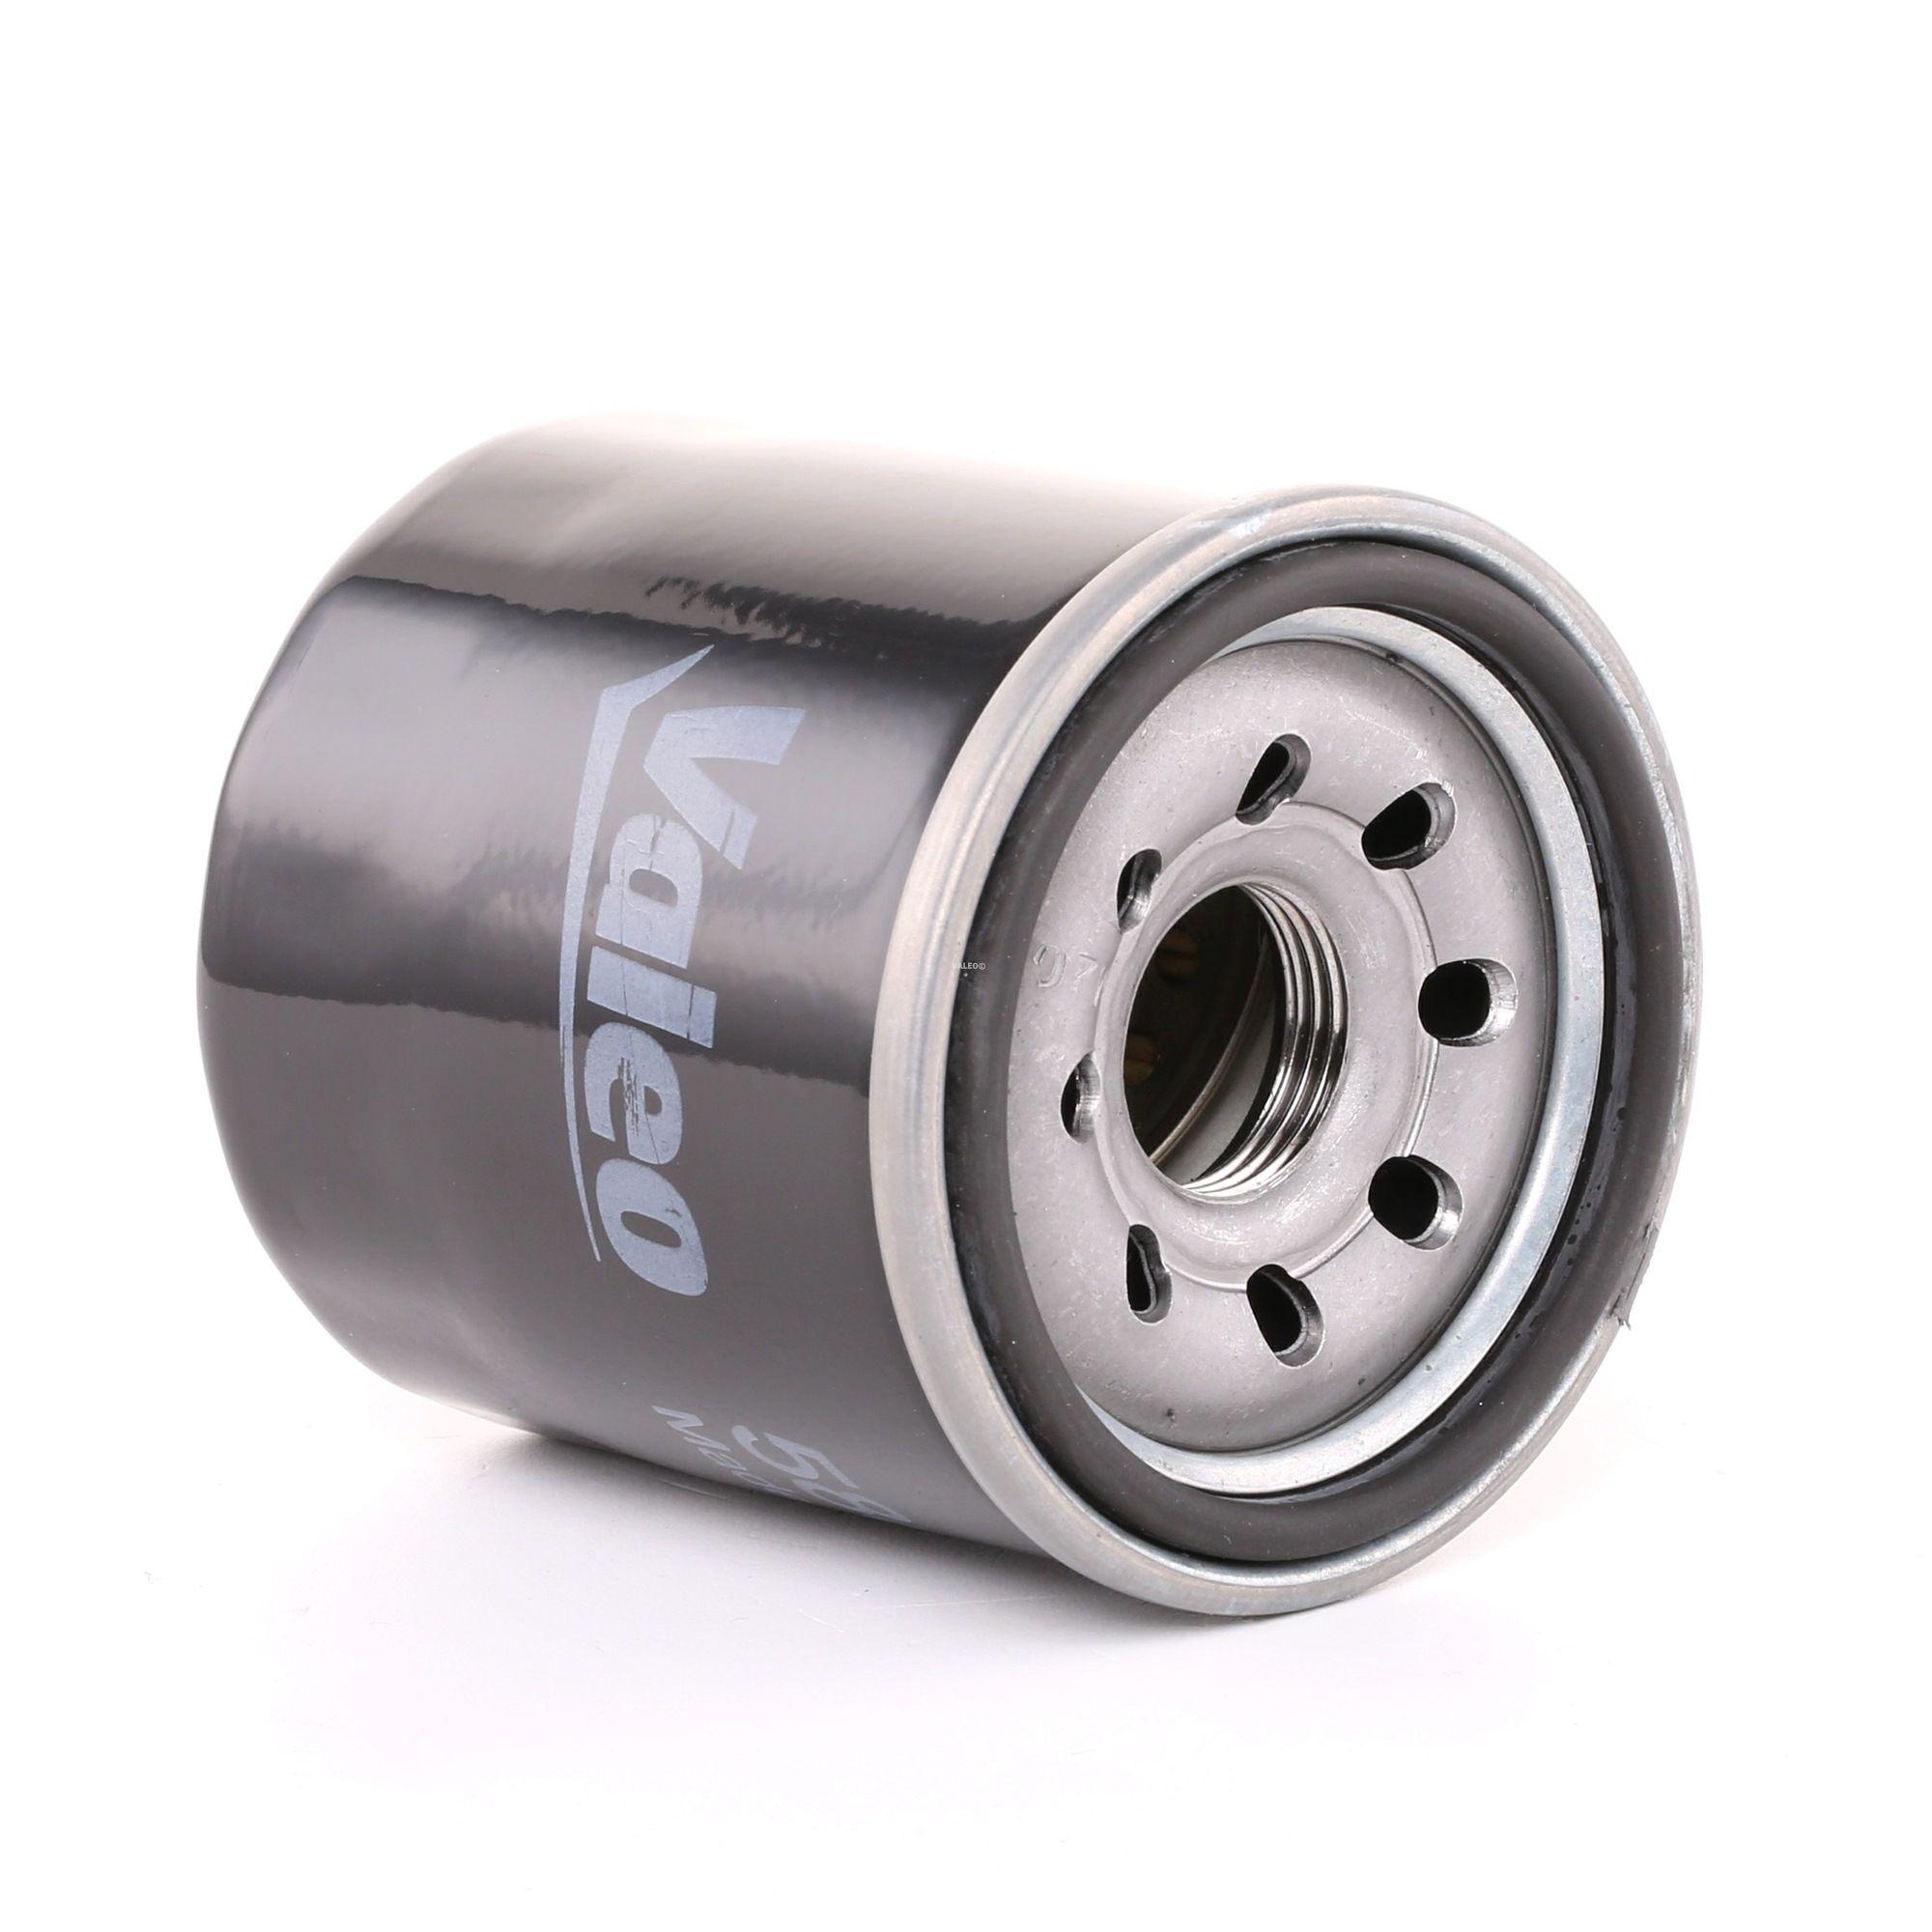 586022 VALEO Anschraubfilter Innendurchmesser 2: 64mm, Innendurchmesser 2: 56mm, Ø: 68mm, Höhe: 66,5mm Ölfilter 586022 günstig kaufen